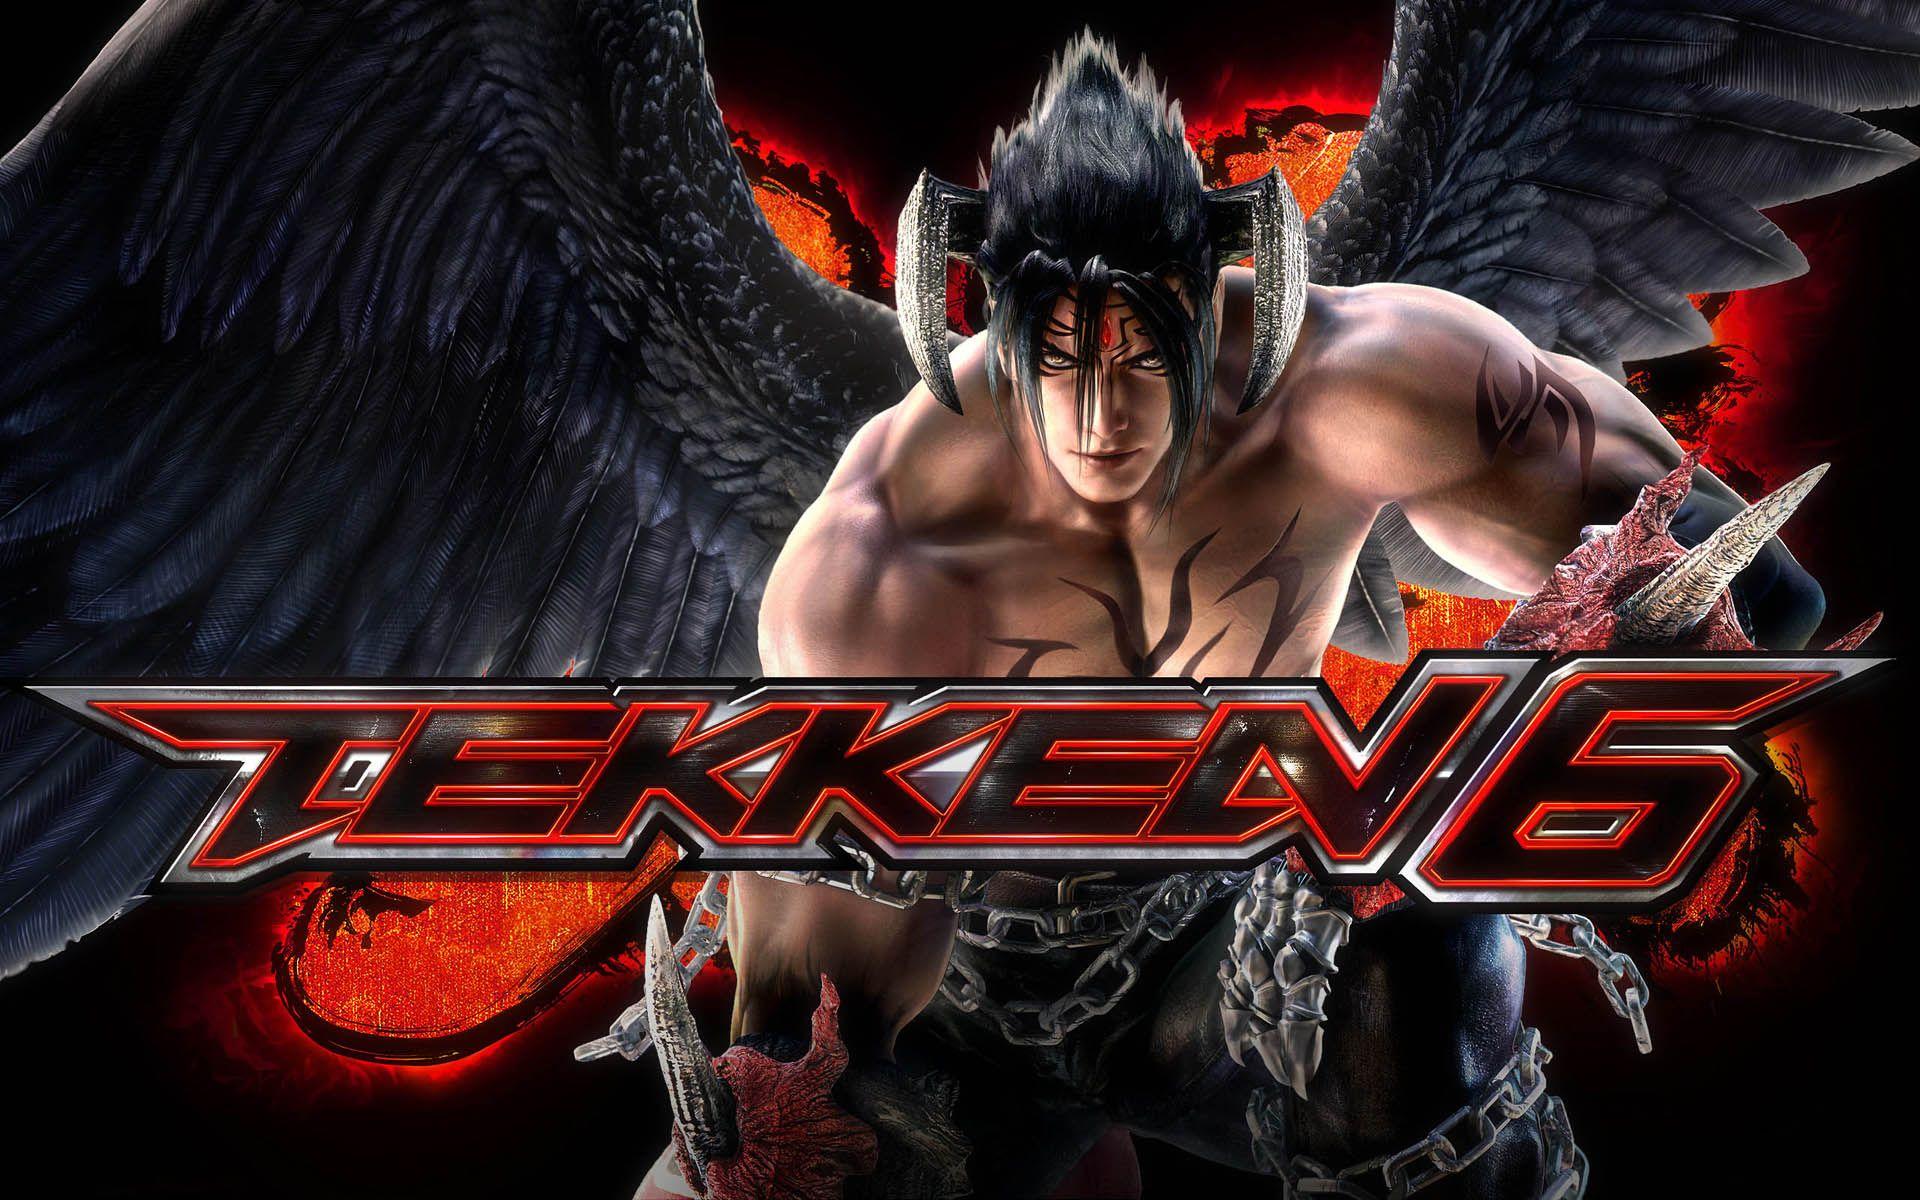 Tekken 6 hd wallpaper free download full hd wallpaper epic car tekken 6 hd wallpaper free download full hd wallpaper voltagebd Gallery